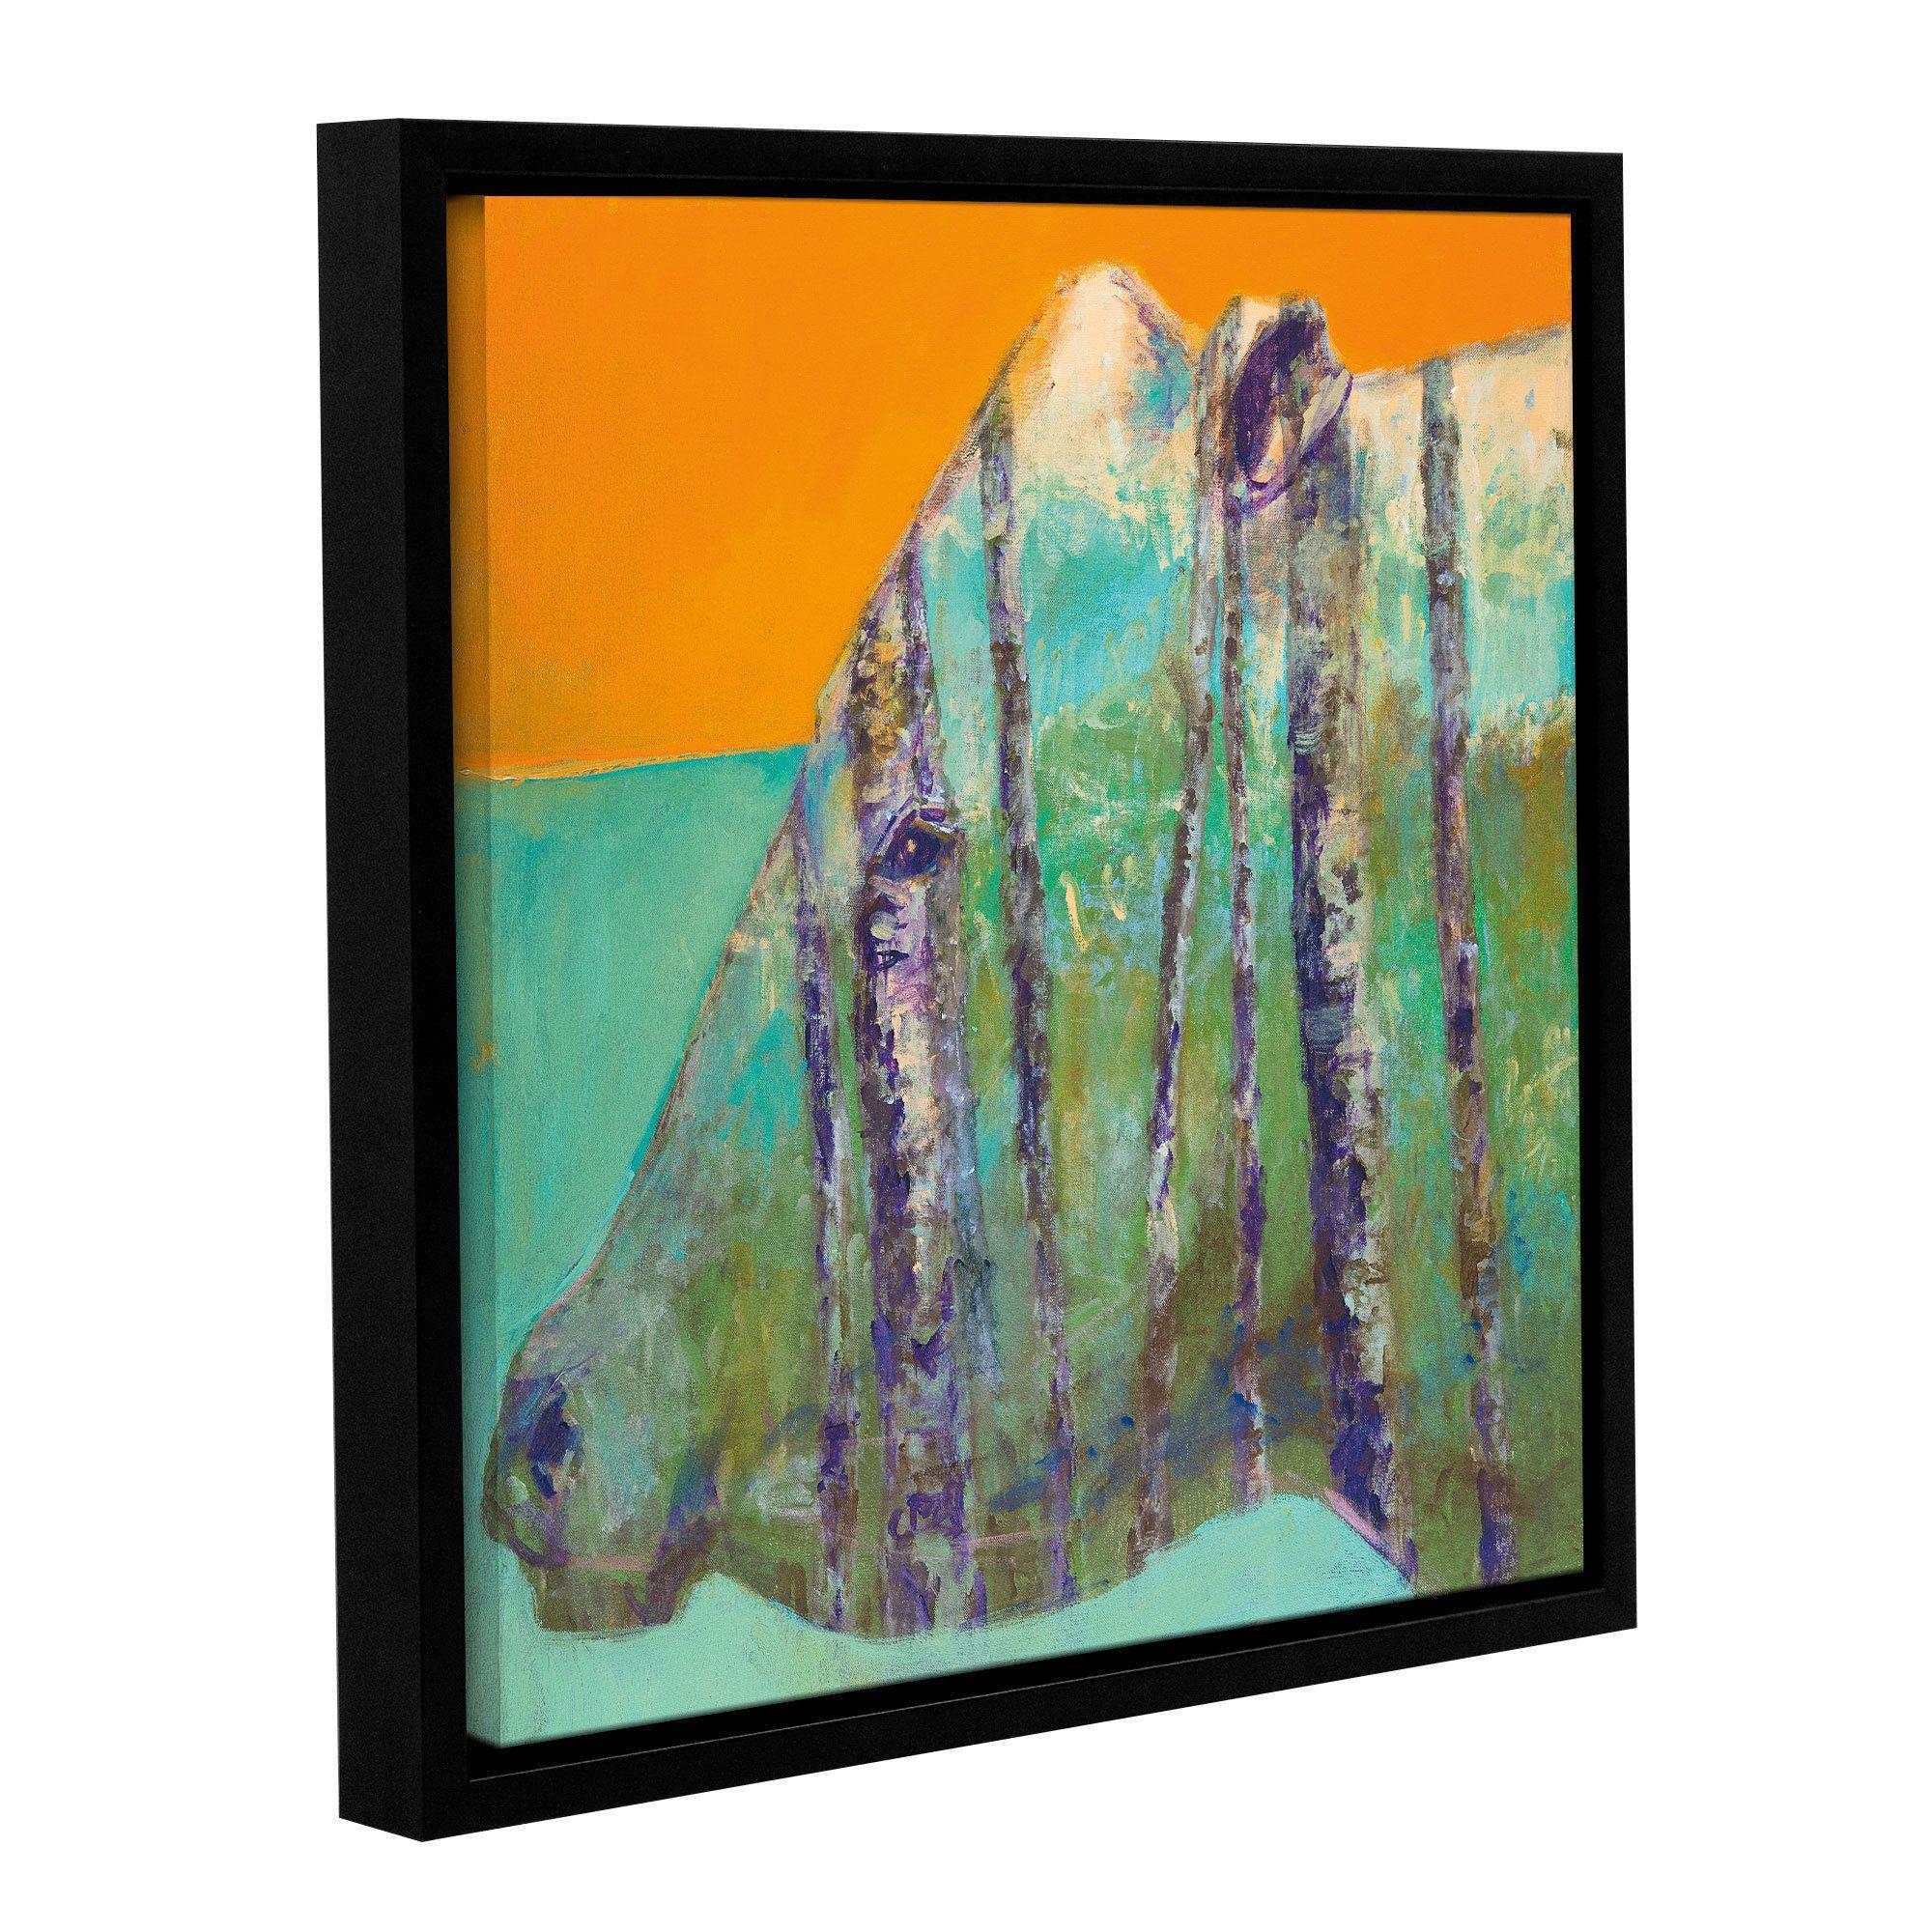 ArtWall JC Pino's Aspen Bull Gallery Wrapped Floater-framed